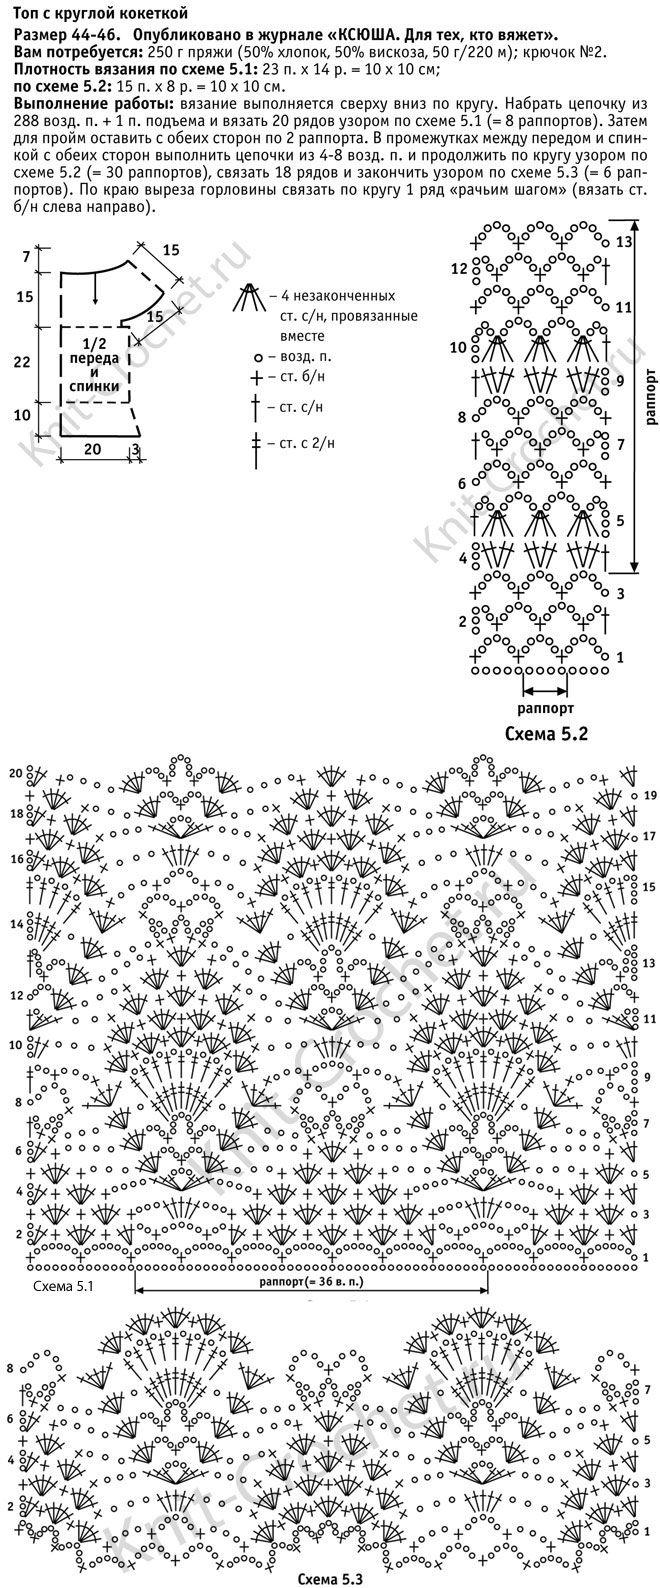 Выкройка, схемы узоров с описанием вязания крючком женского топа c круглой кокеткой размера 44-46.